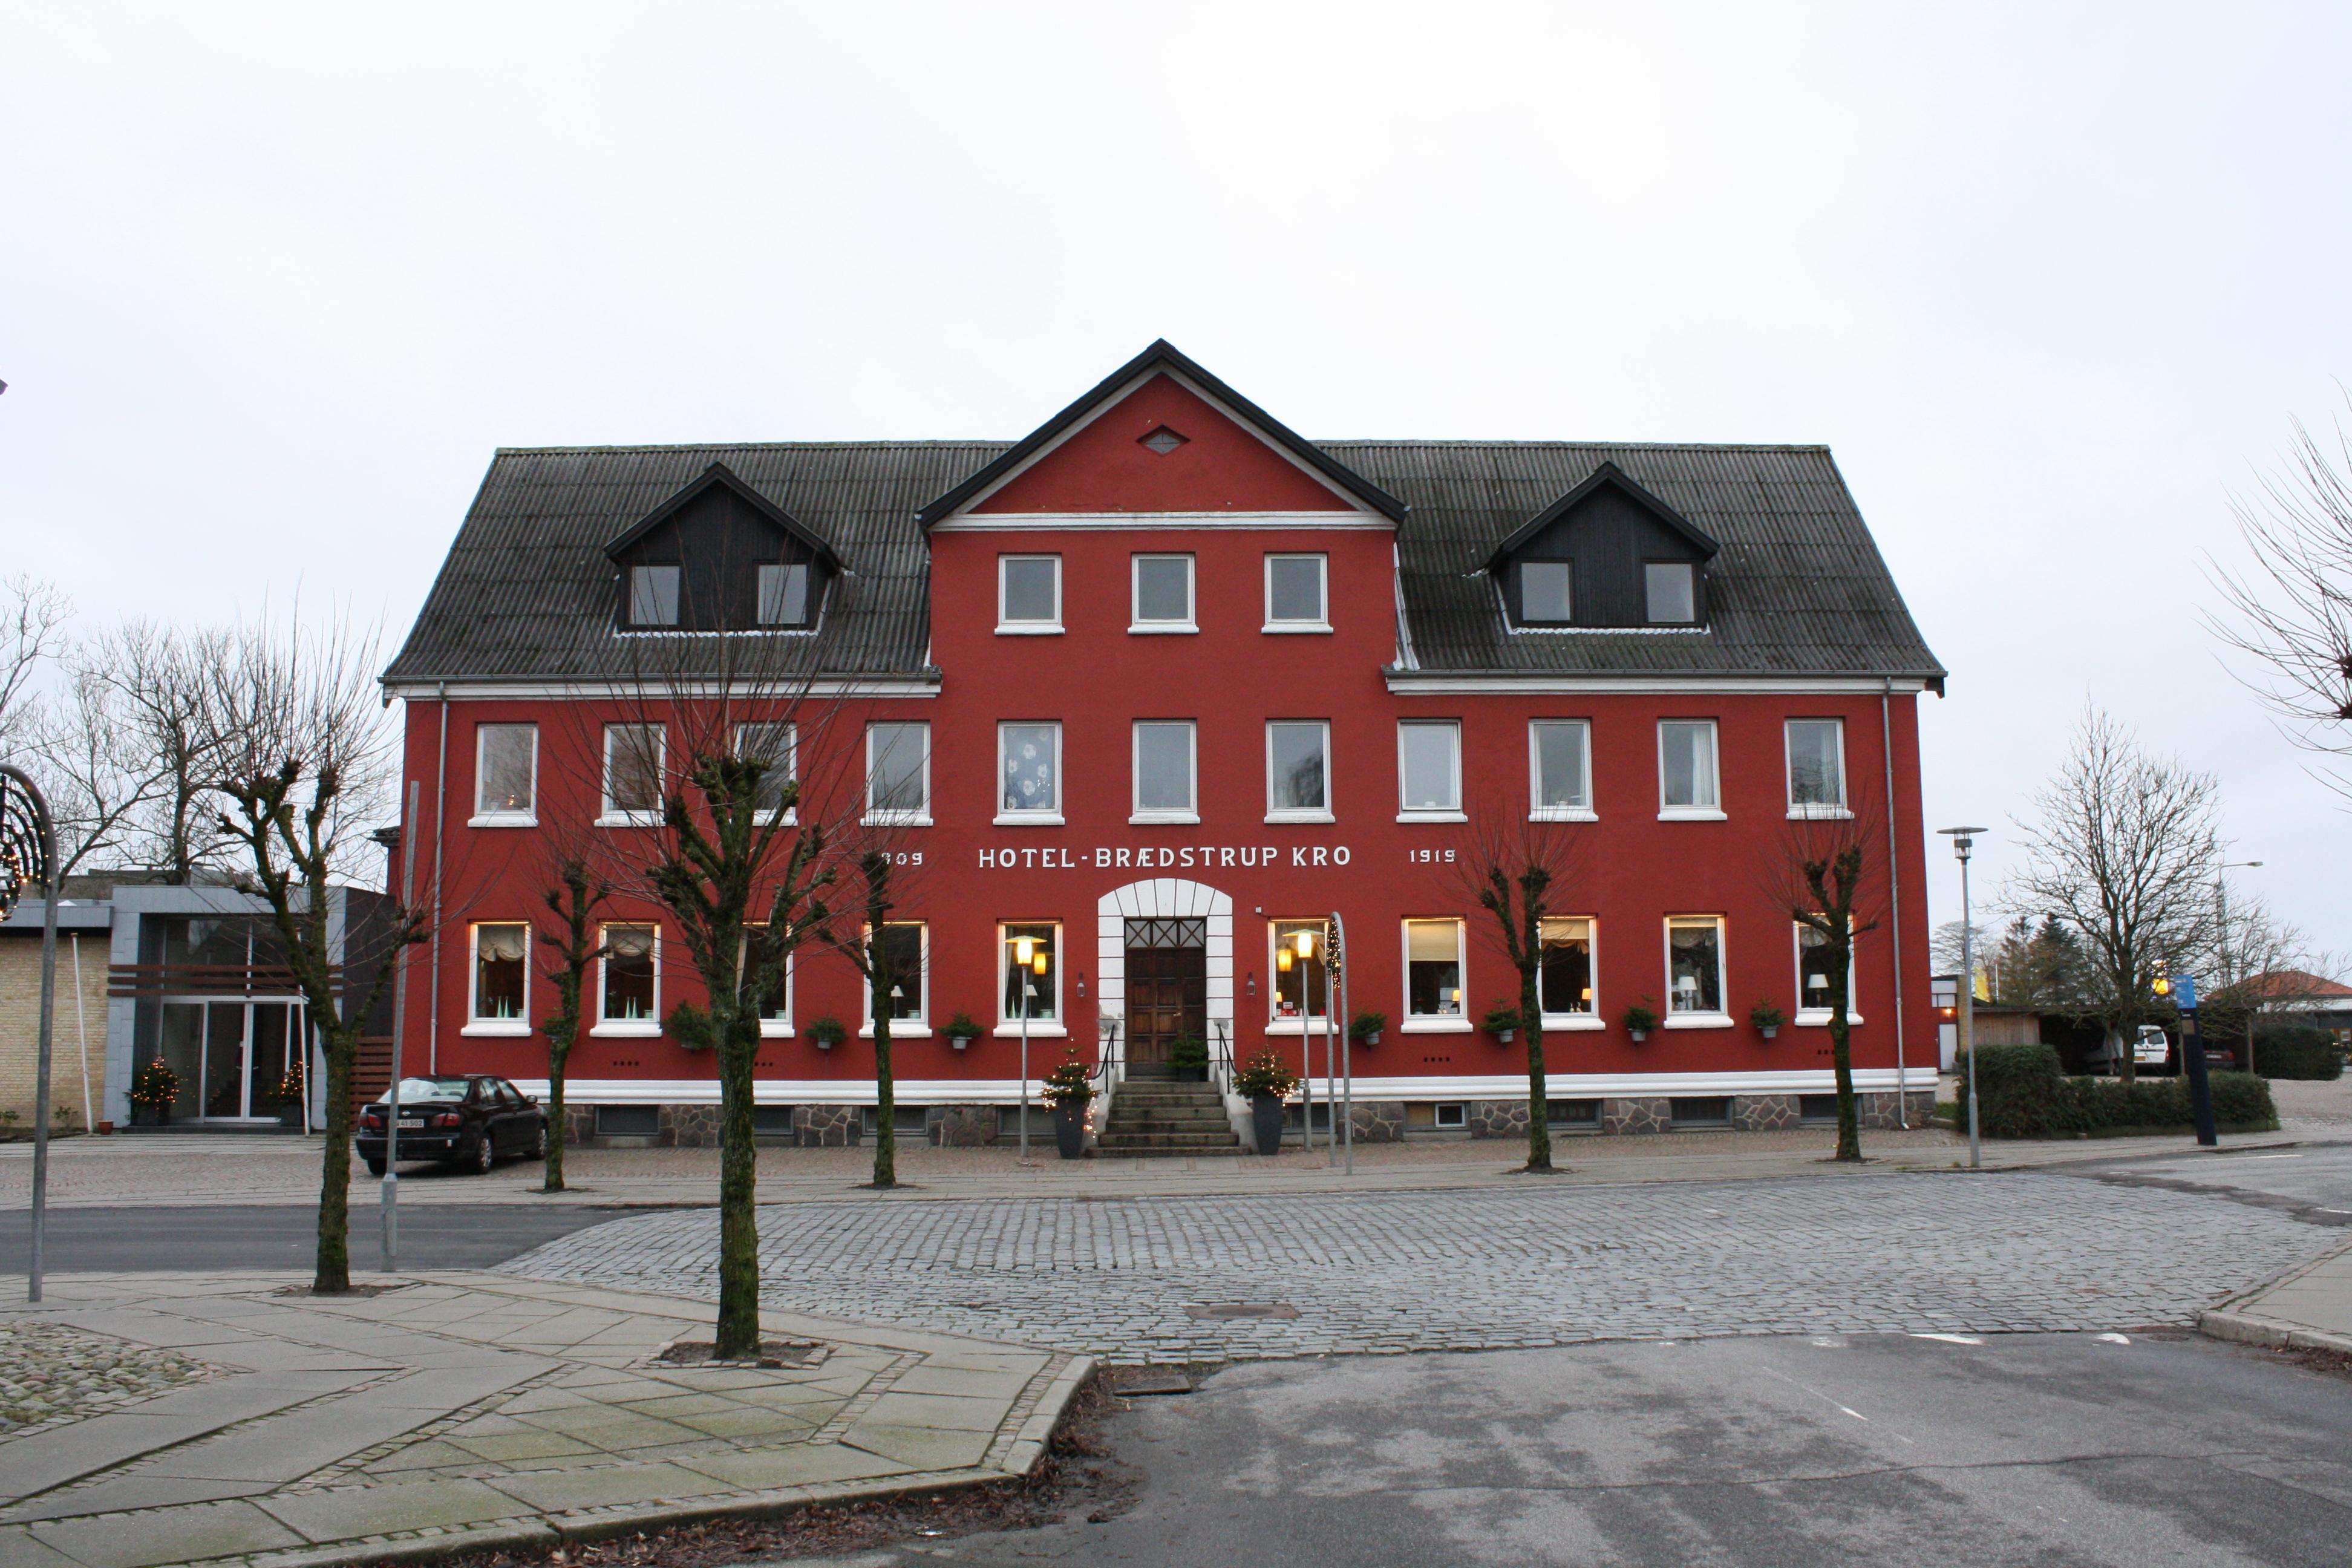 Brædstrup Municipality